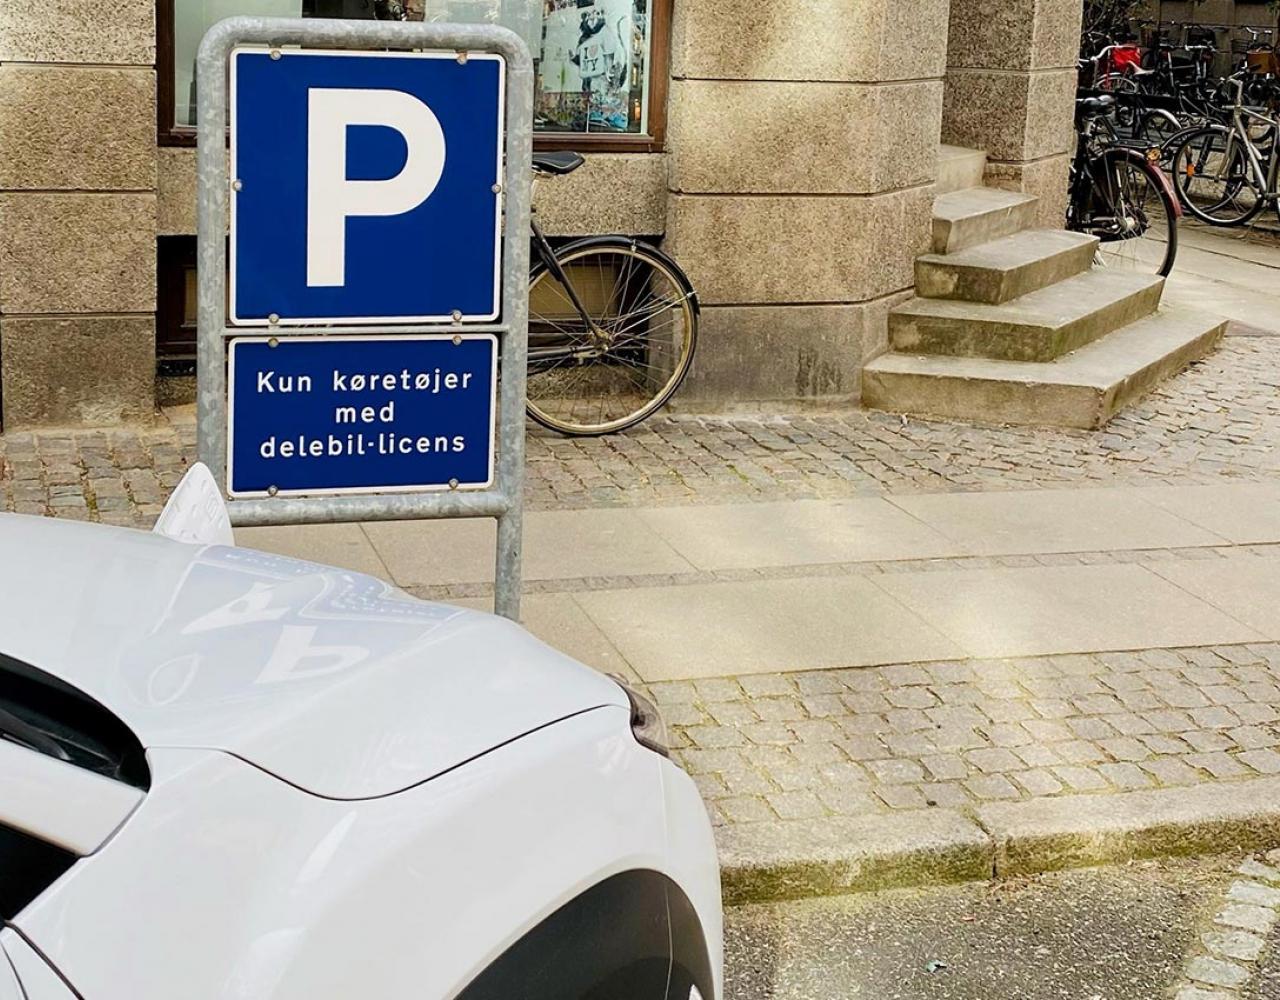 Parkeringsplads til delebil